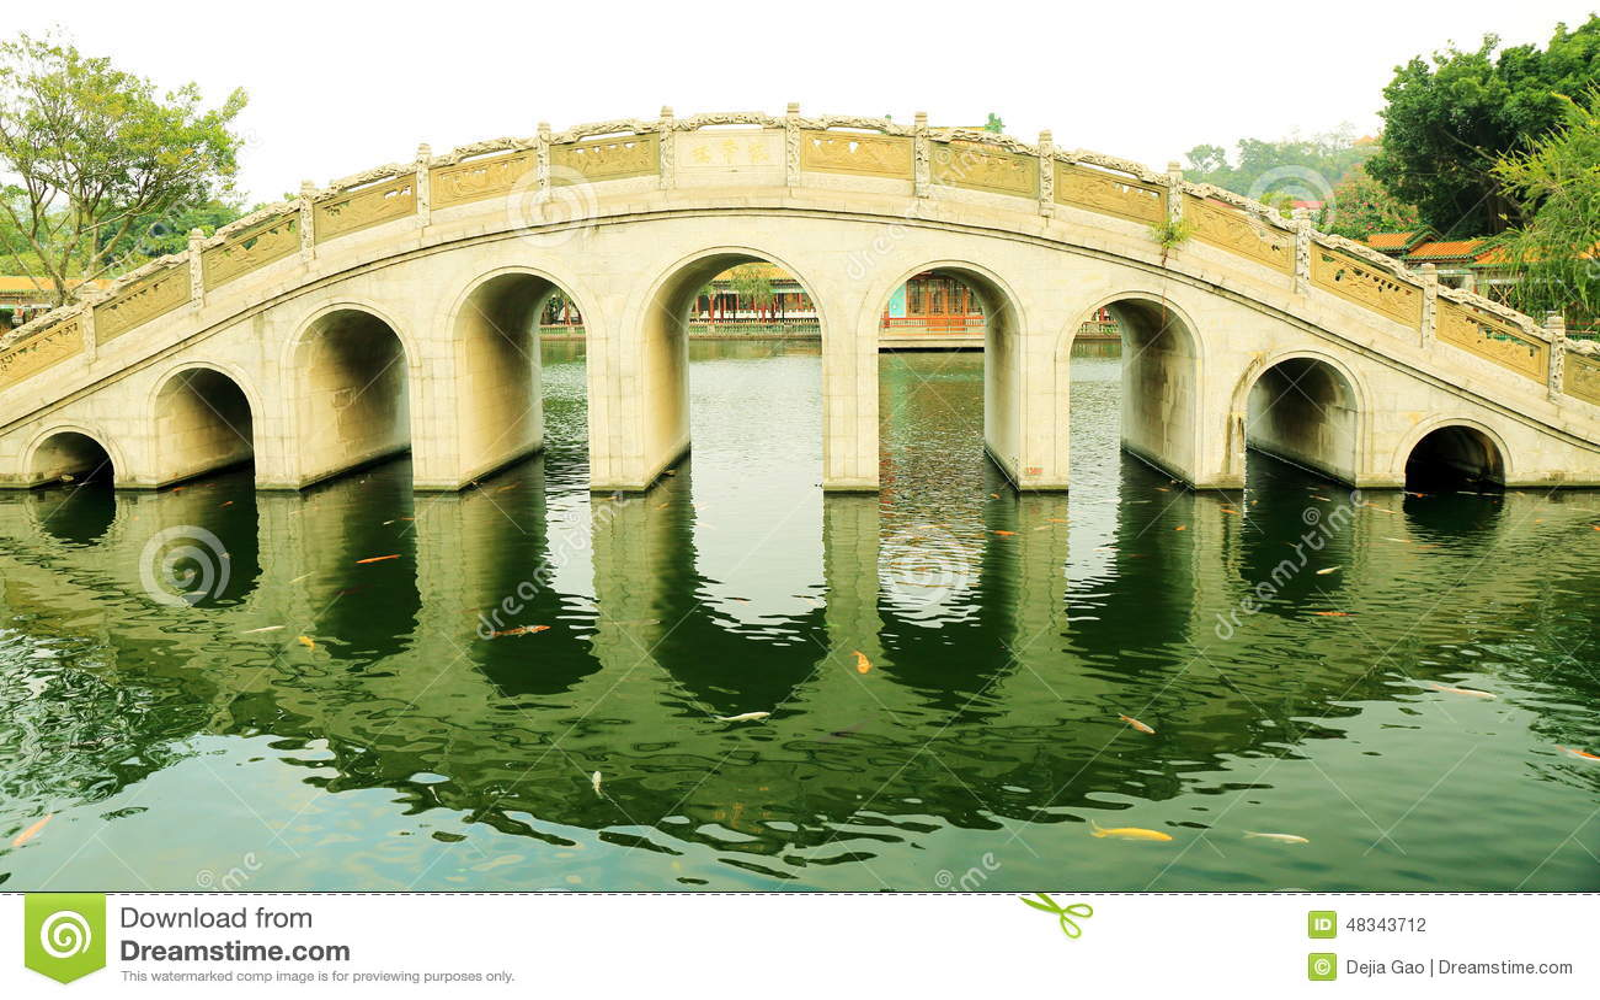 Pont de voûte de chinois traditionnel dans le jardin chinois antique, pont classique asiatique de voûte en Chine